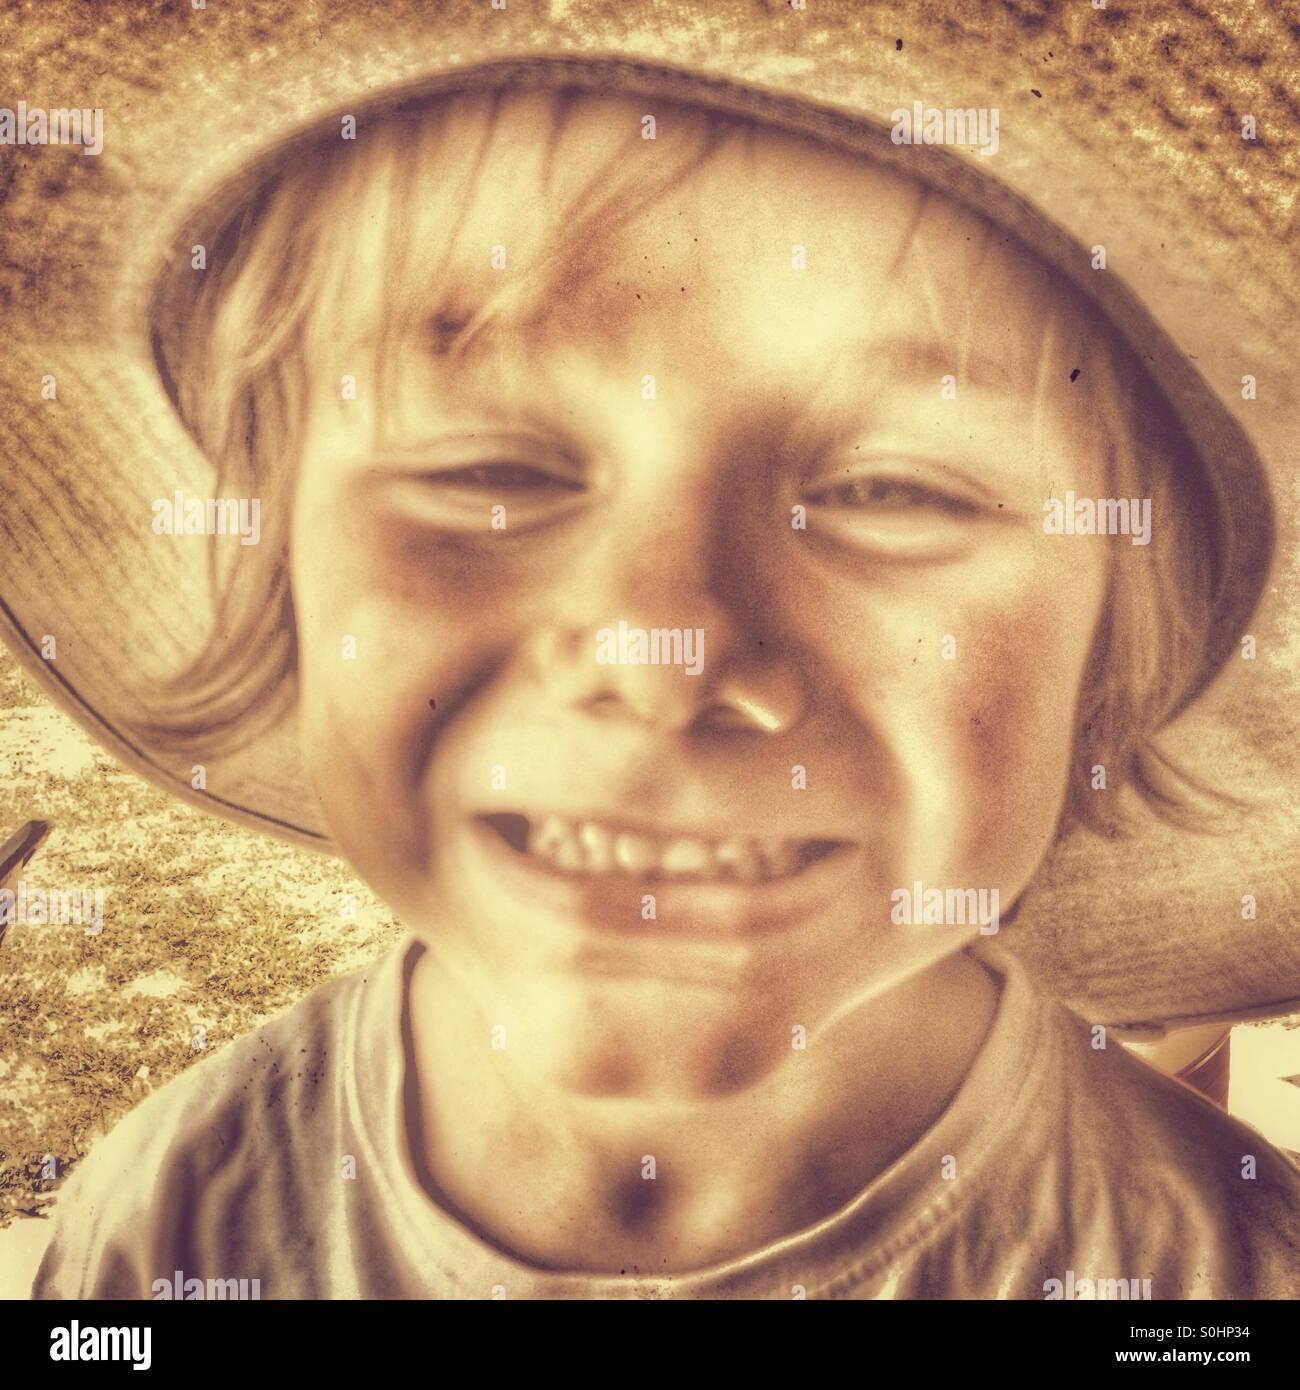 Niño de cinco años sonriendo Imagen De Stock